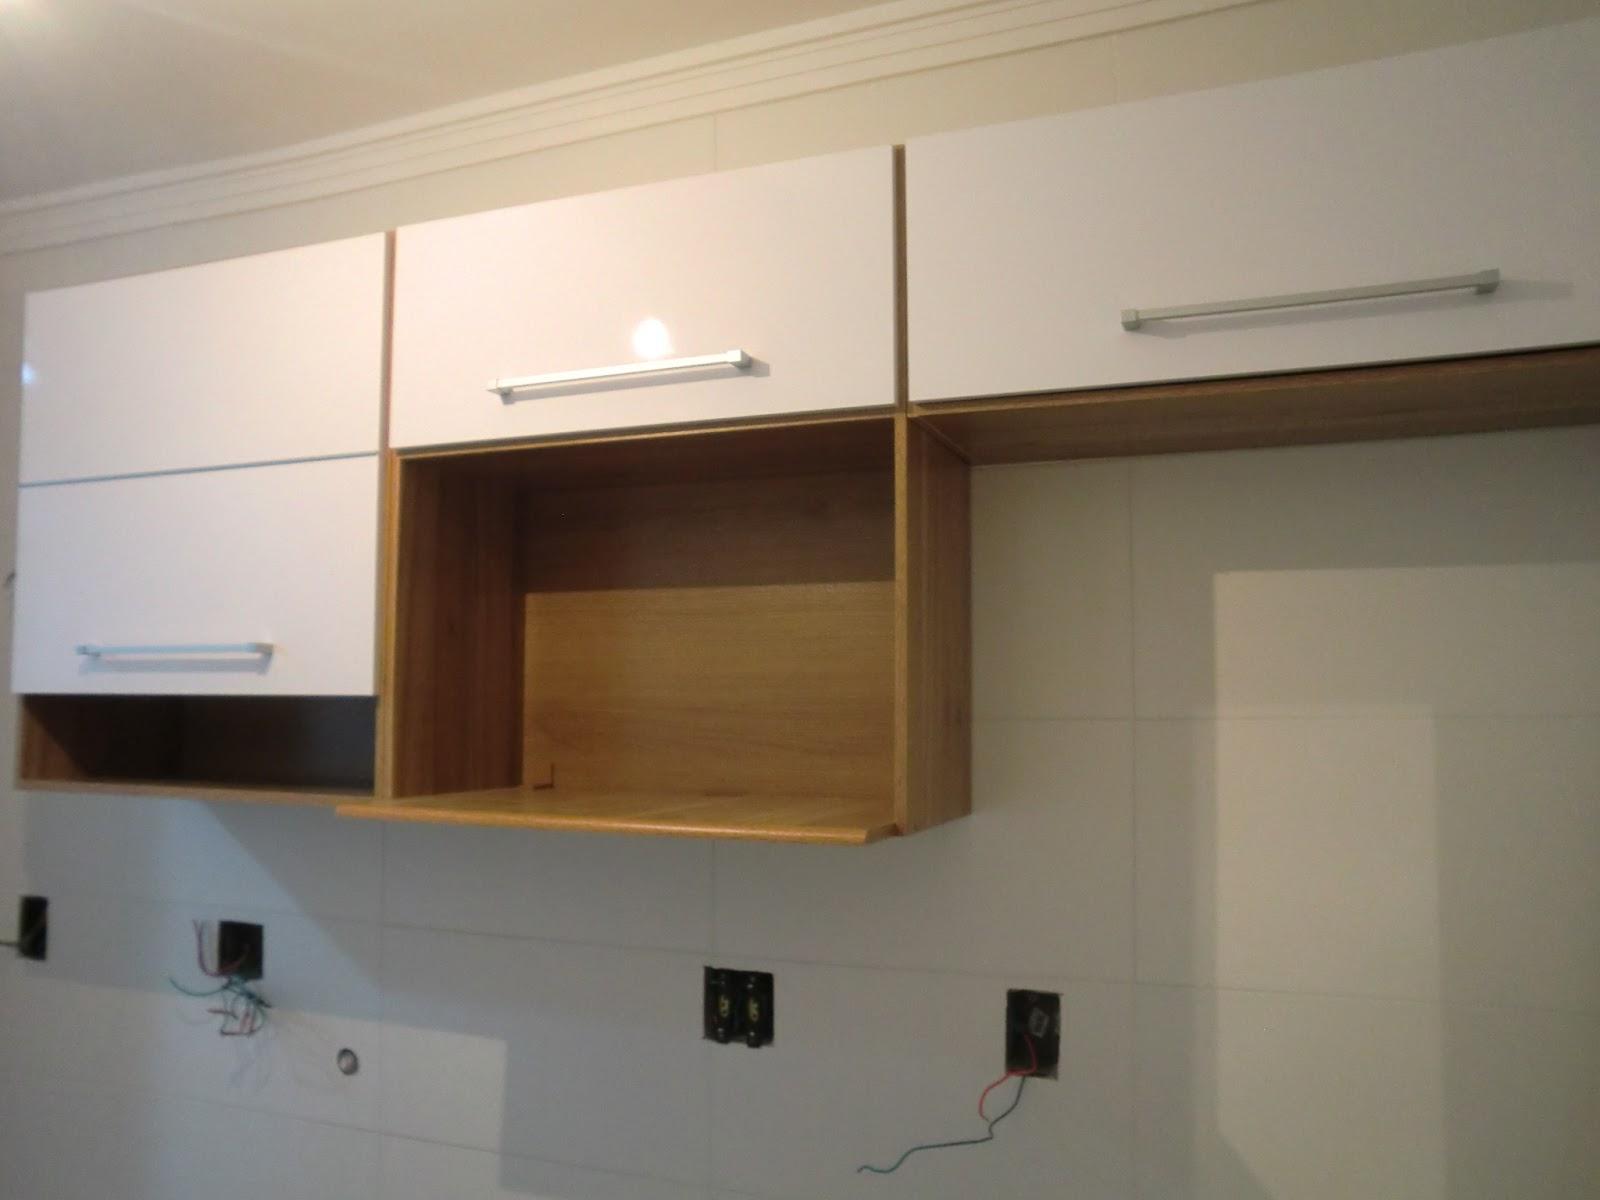 Cozinha reformada com moveis armarios prontos Bartira Casa e Reforma #684A28 1600 1200